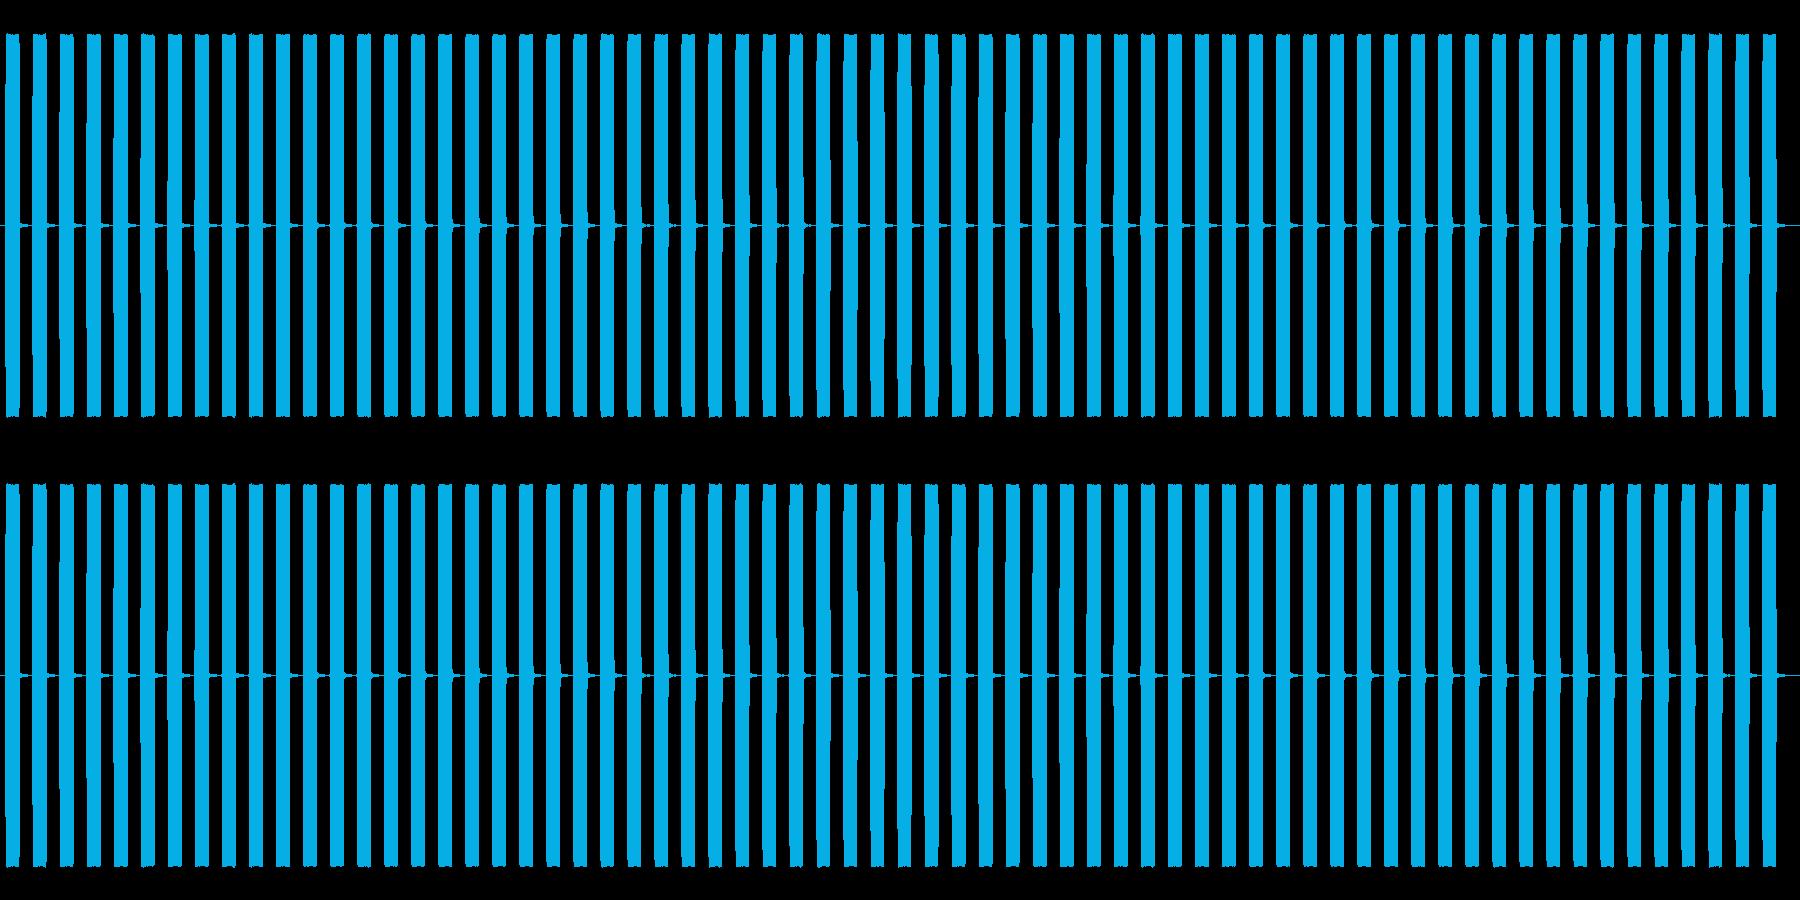 【効果音】目覚まし時計2_ループの再生済みの波形